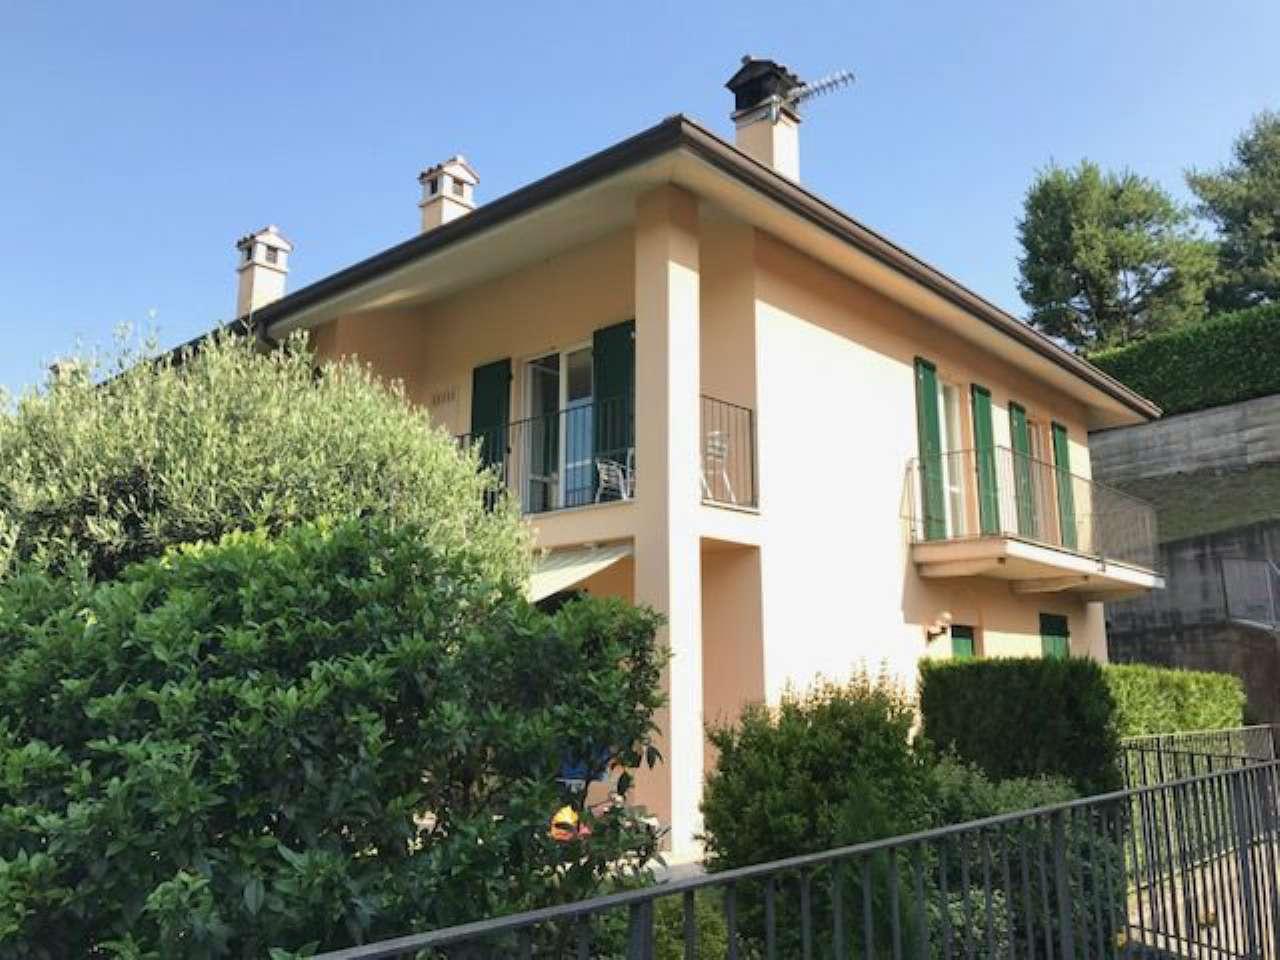 Appartamento in vendita a Bosisio Parini, 3 locali, prezzo € 200.000 | CambioCasa.it